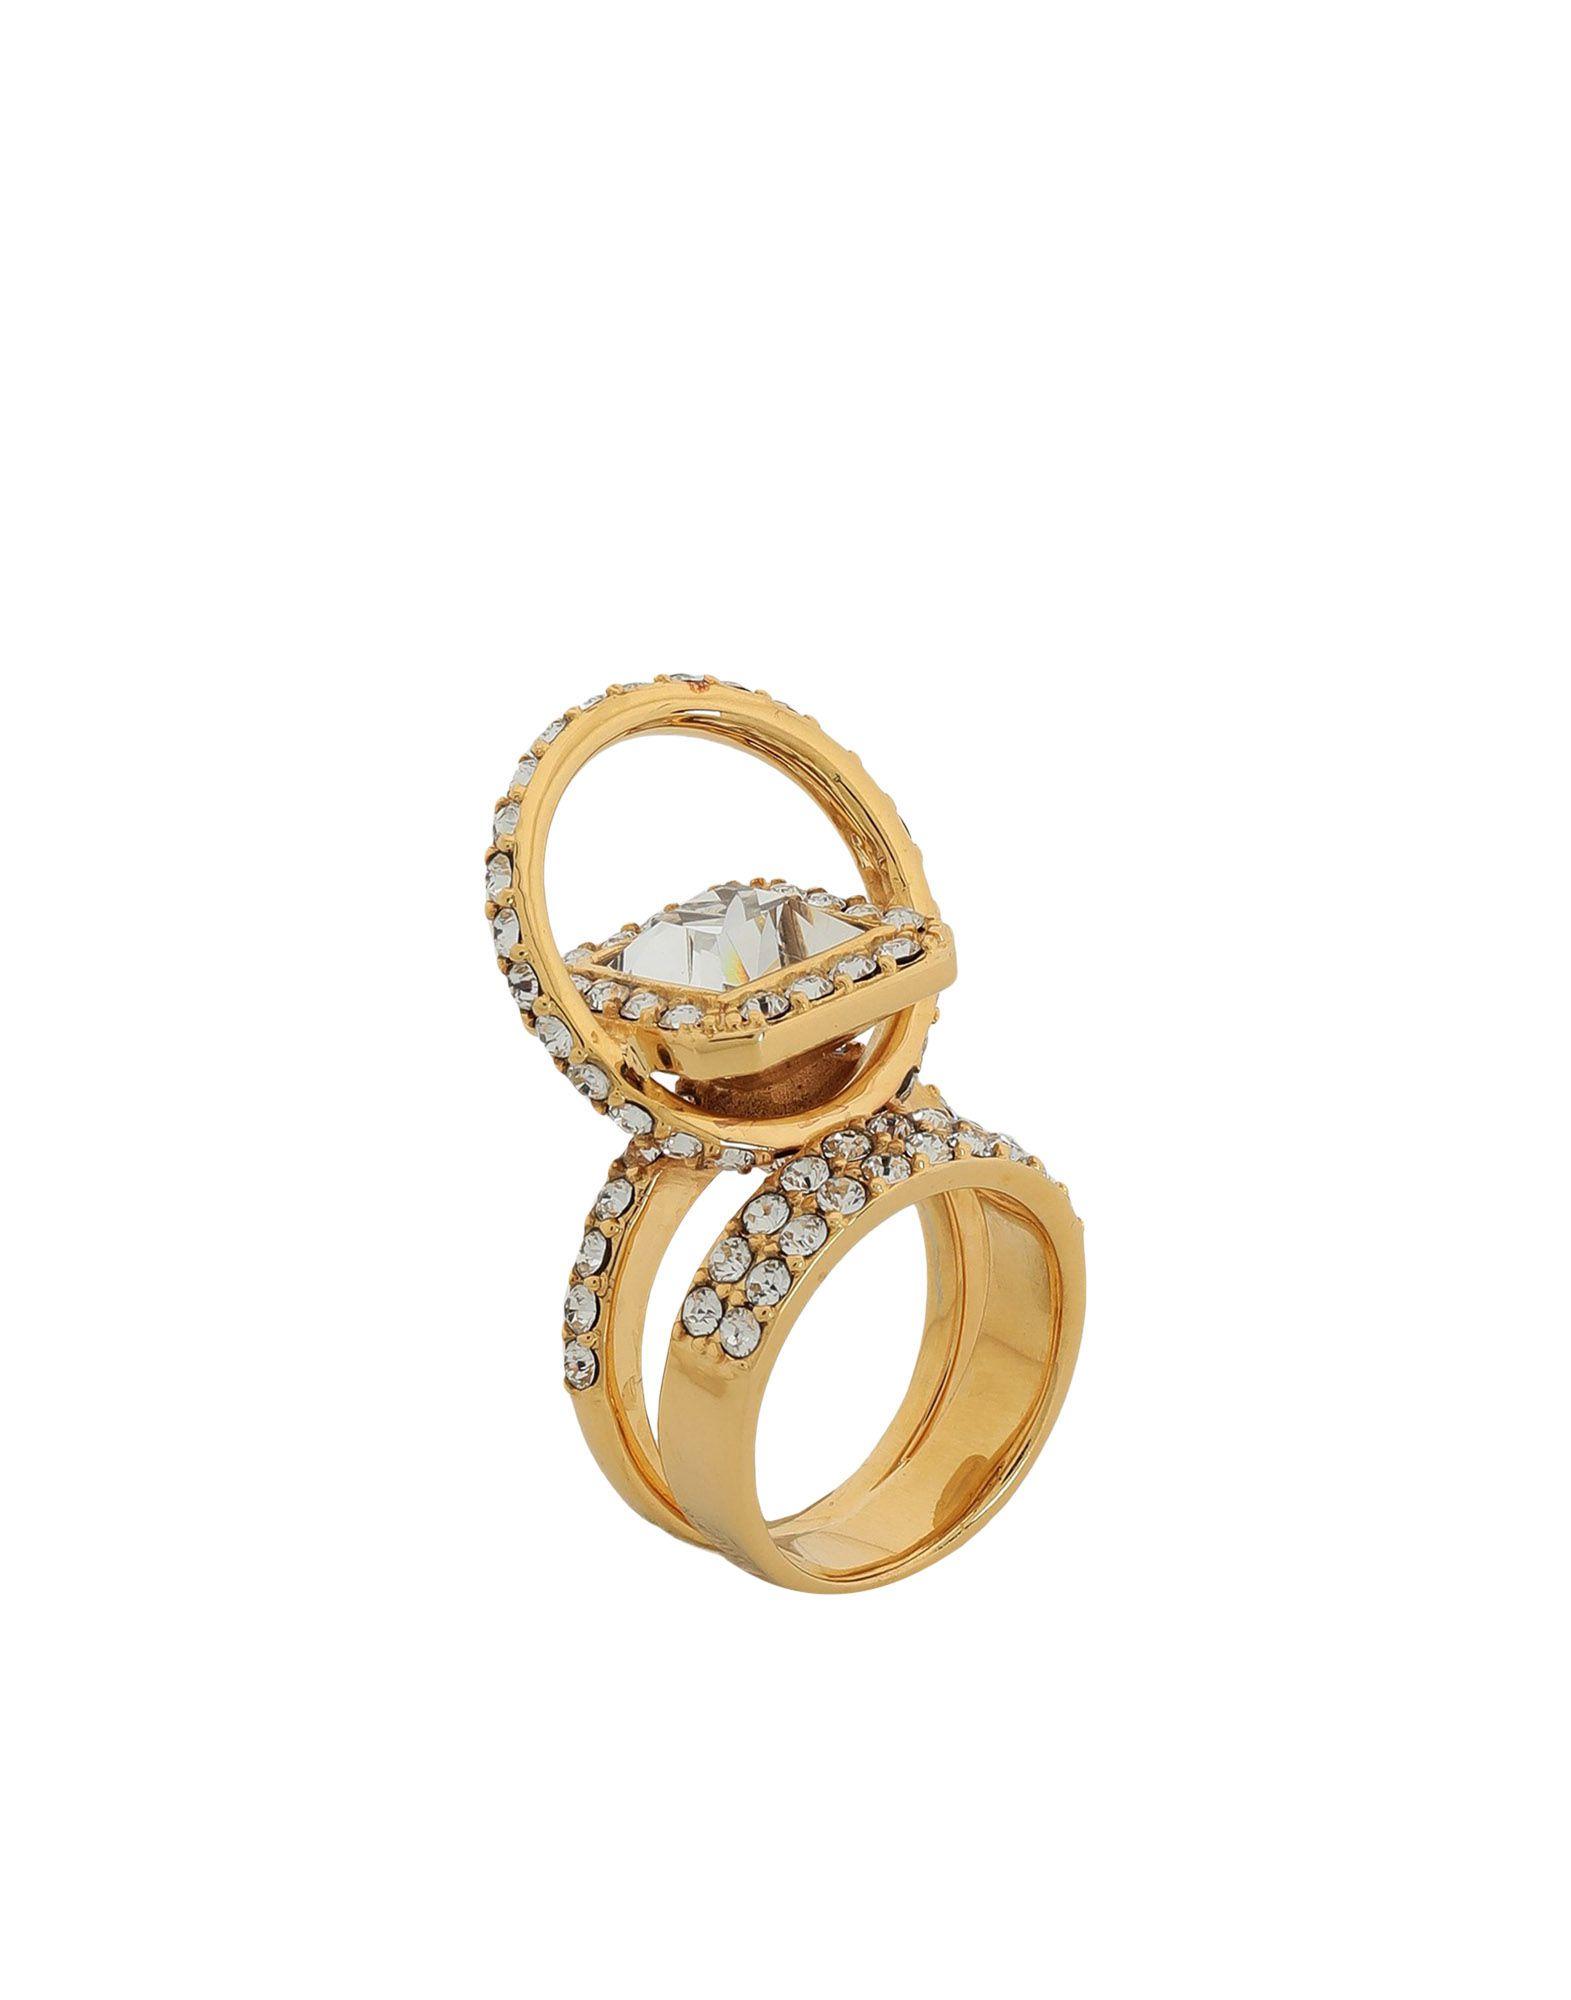 《セール開催中》EK THONGPRASERT レディース 指輪 ゴールド 51 真鍮/ブラス / スワロフスキー Brass With Swarovski Crystal